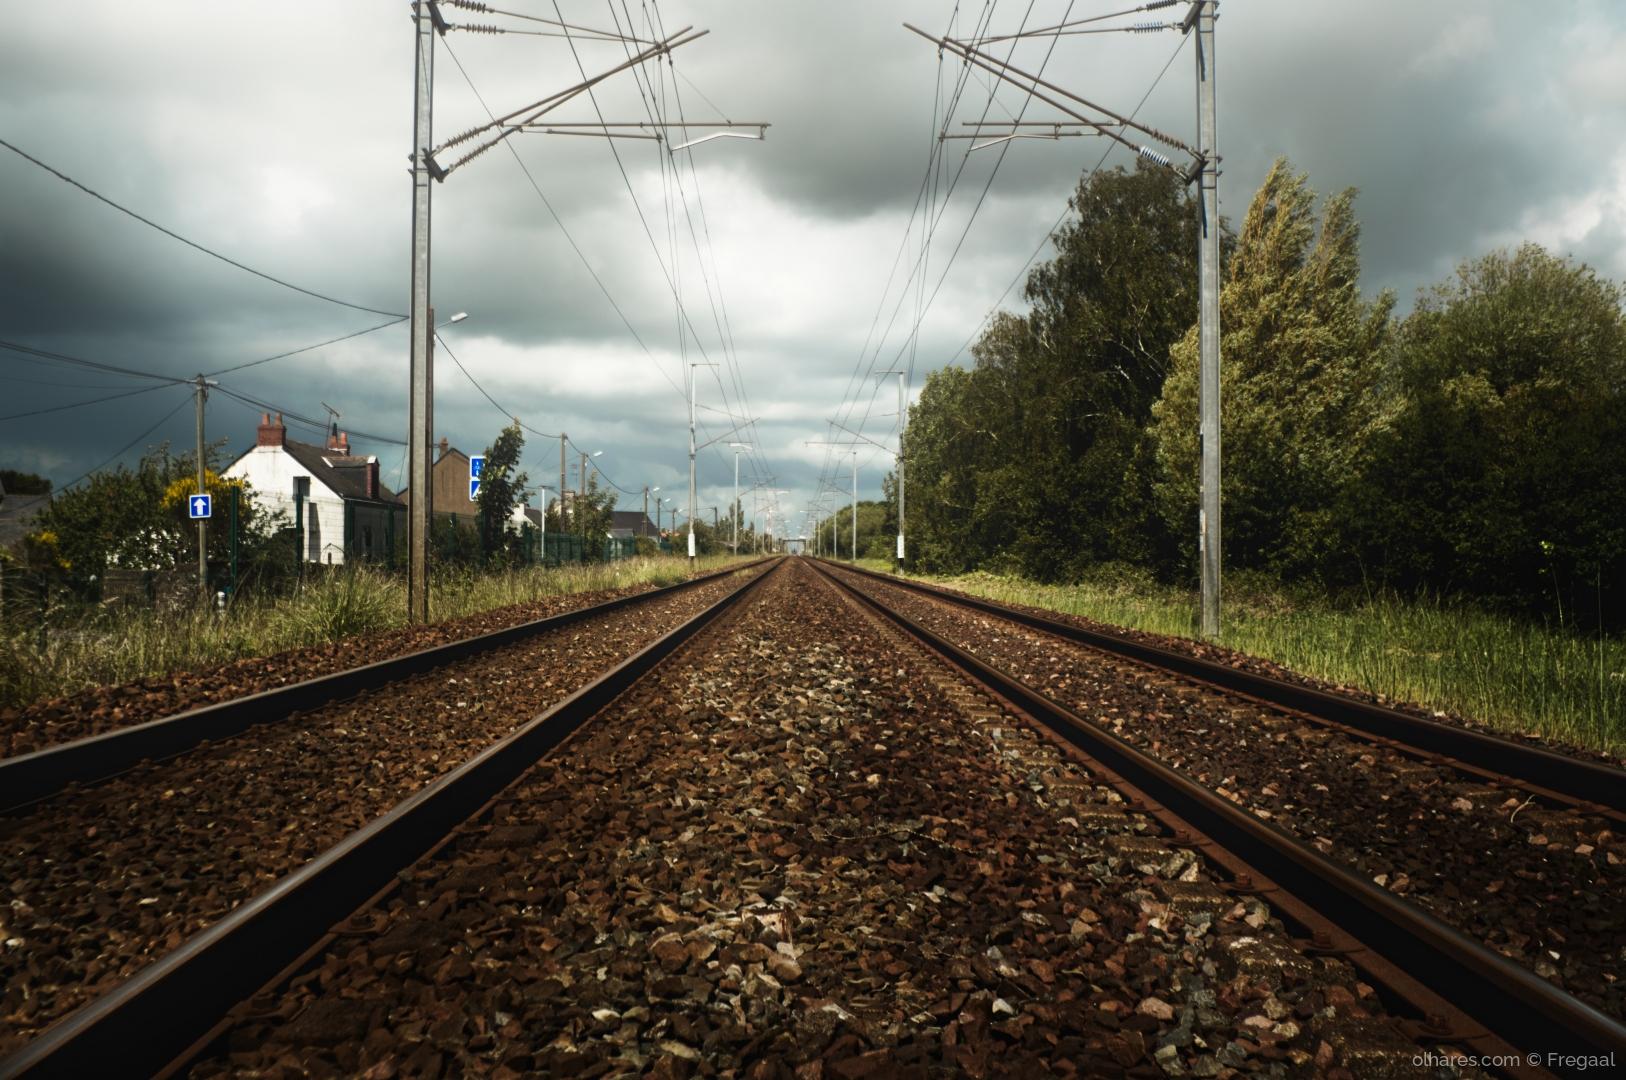 Fotografia de Rua/Caminho de Ferro